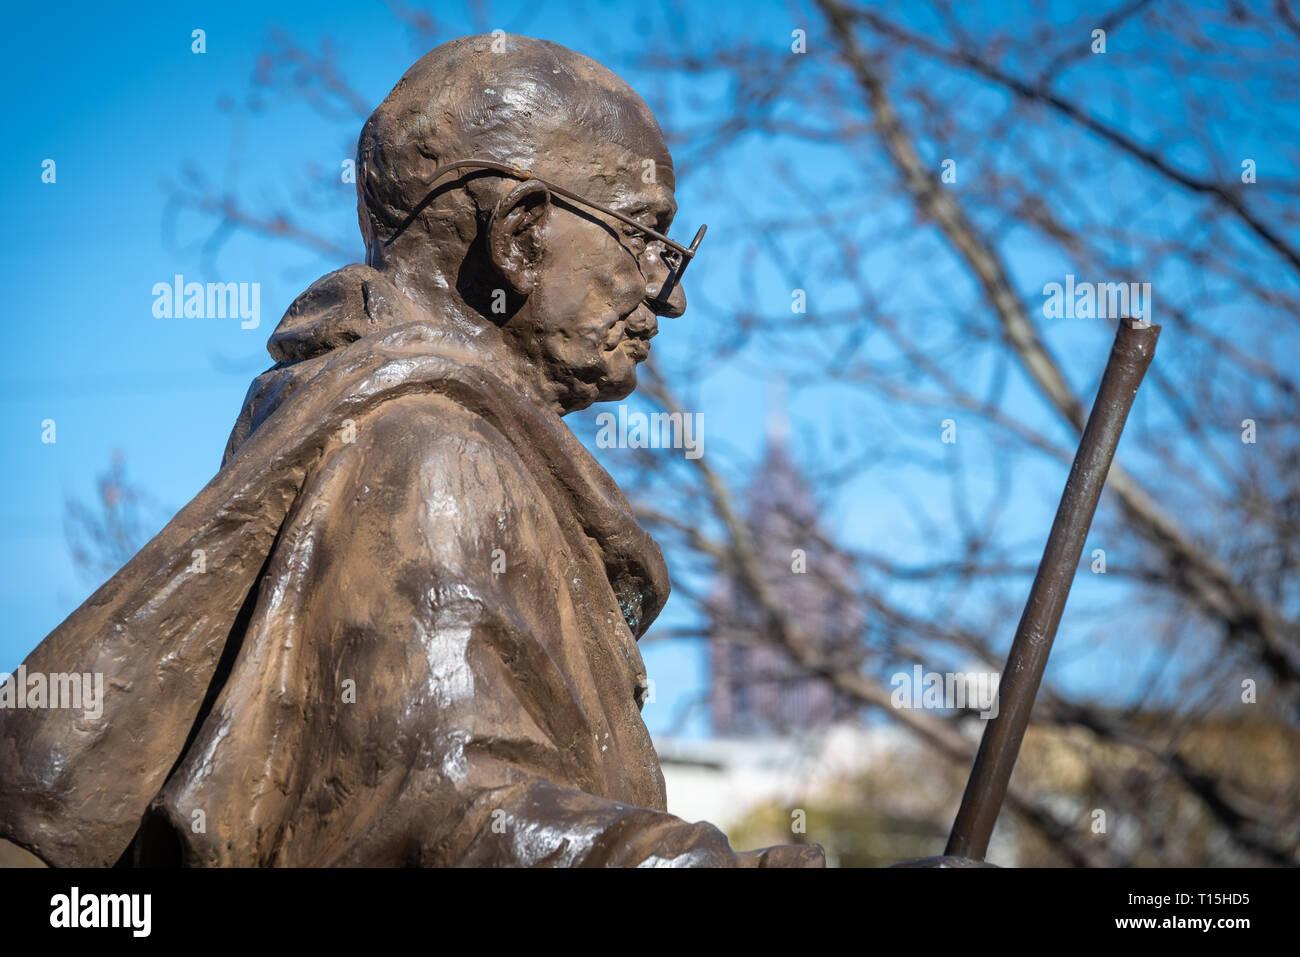 Il Mahatma Gandhi statua presso il Centro Visitatori di Martin Luther King Jr. Historical Park in Atlanta, Georgia. (USA) Immagini Stock